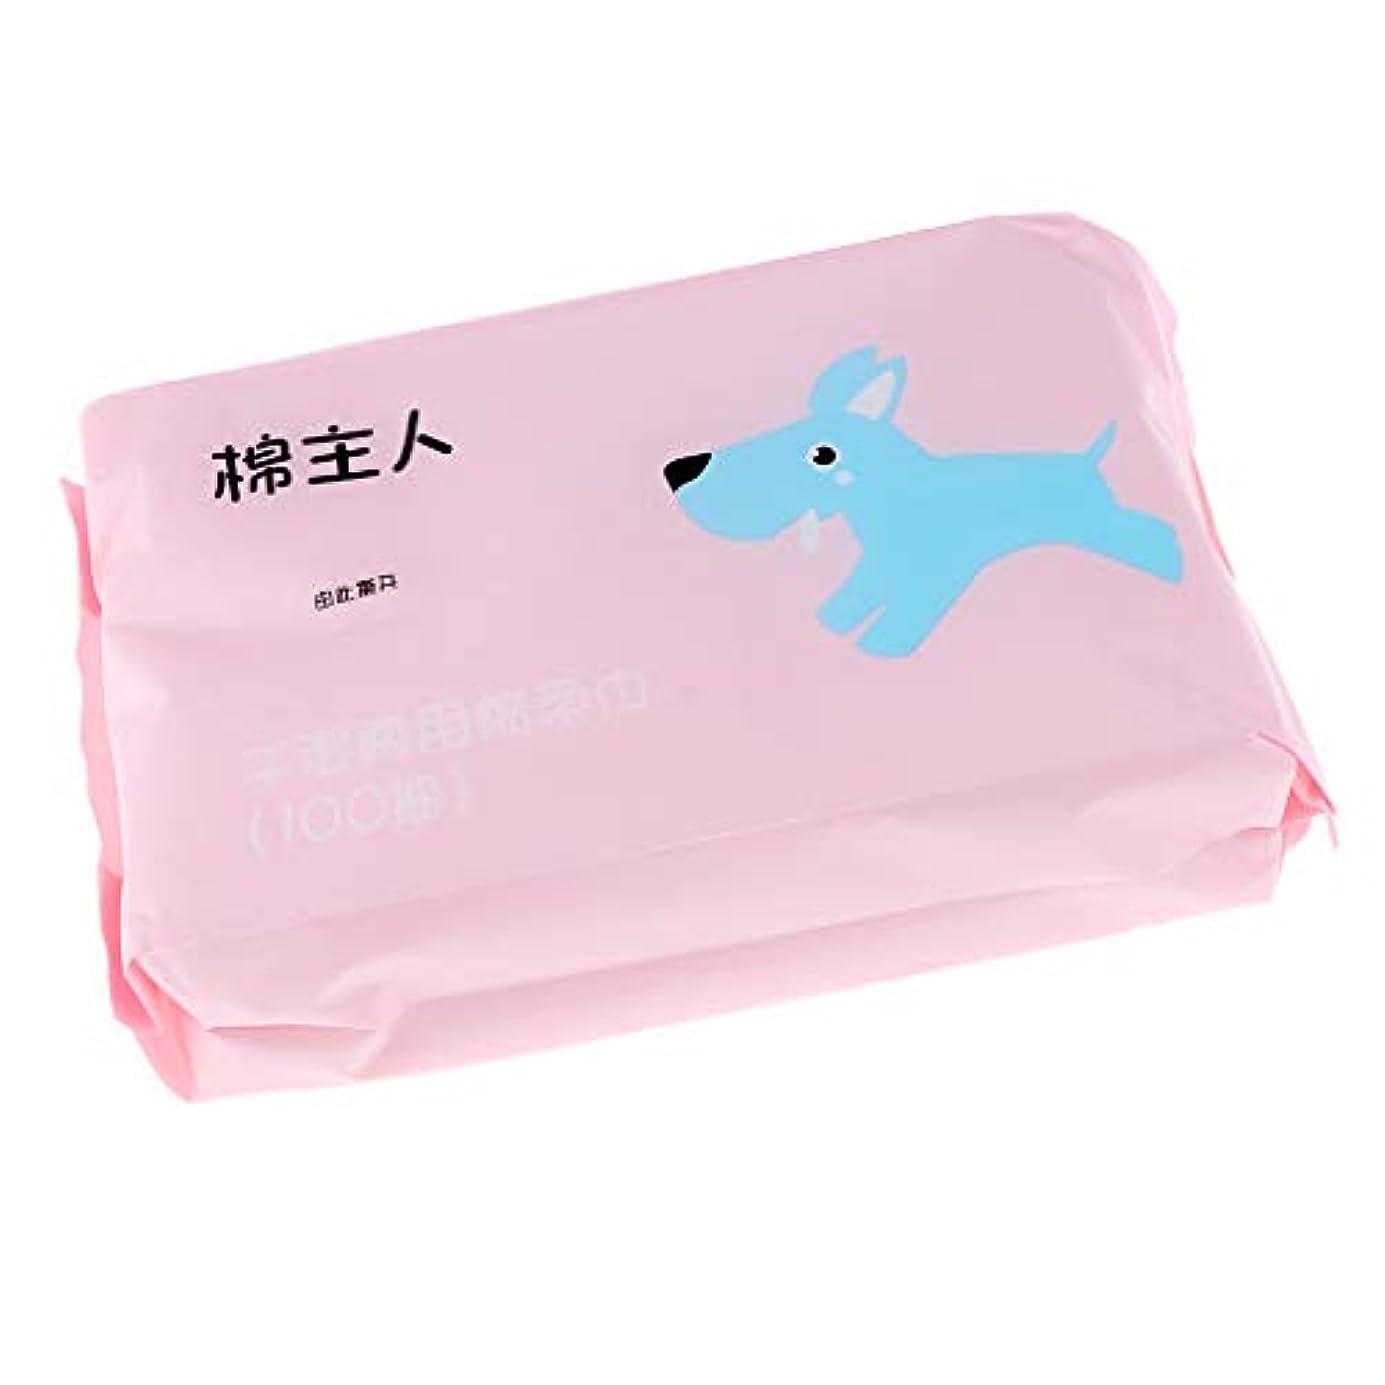 サロンアルネ噴火T TOOYFUL 約100枚 使い捨 クレンジングシート クリーニング フェイス タオル ソフト 敏感肌適用 全2色 - ピンク